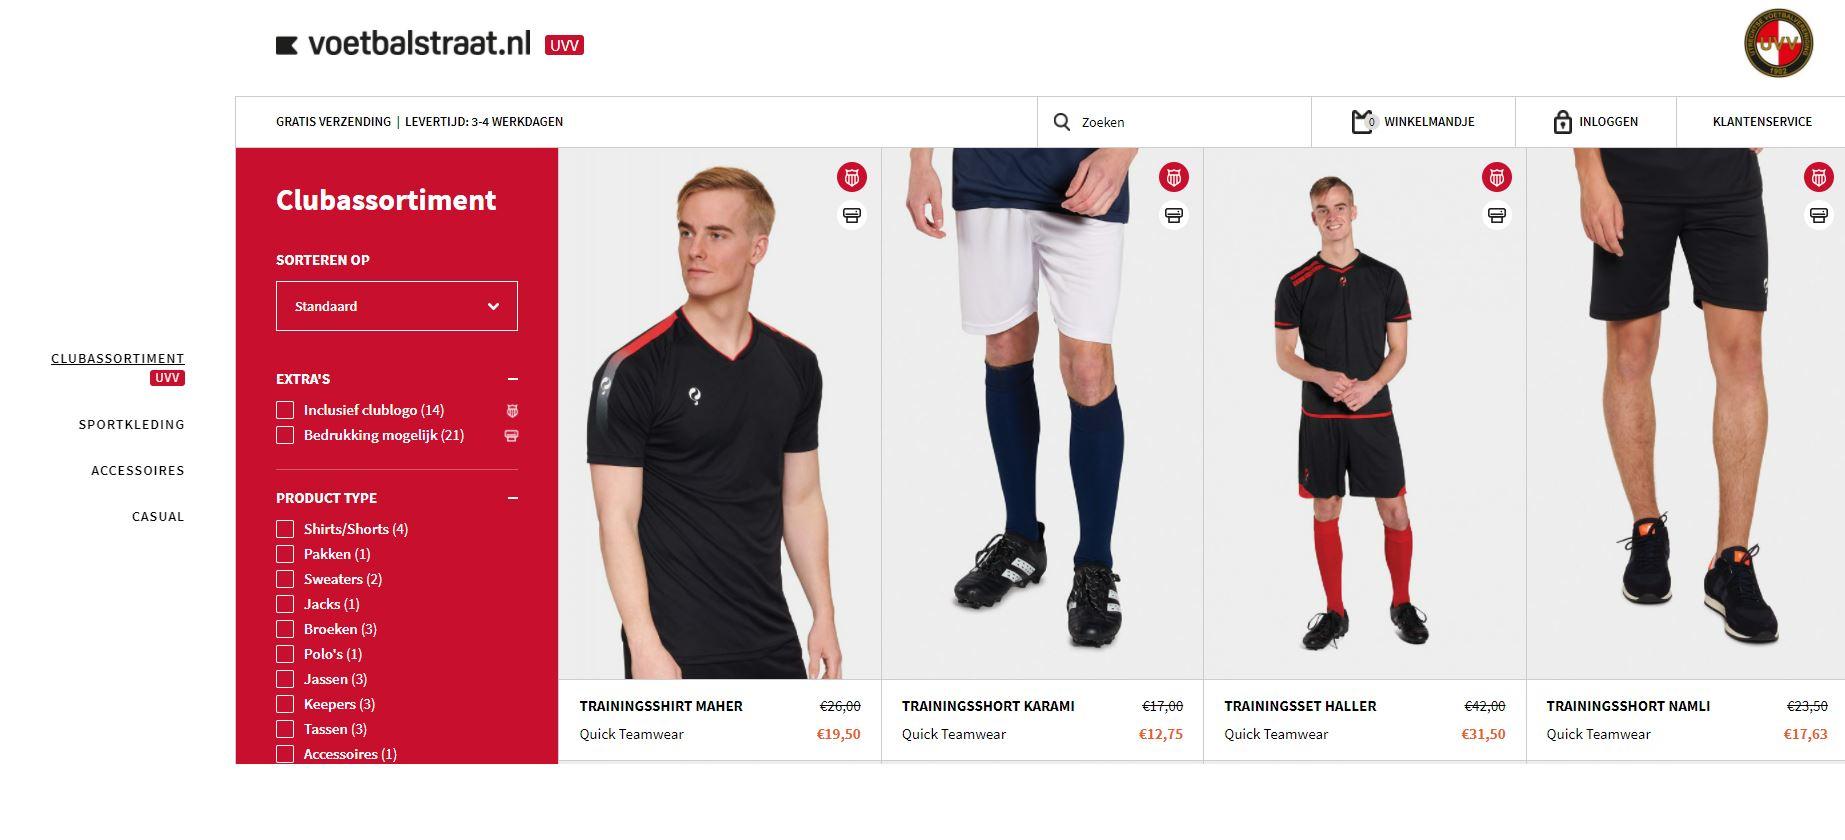 Vernieuwde webshop UVV kleding beschikbaar - Shop altijd met 25% korting